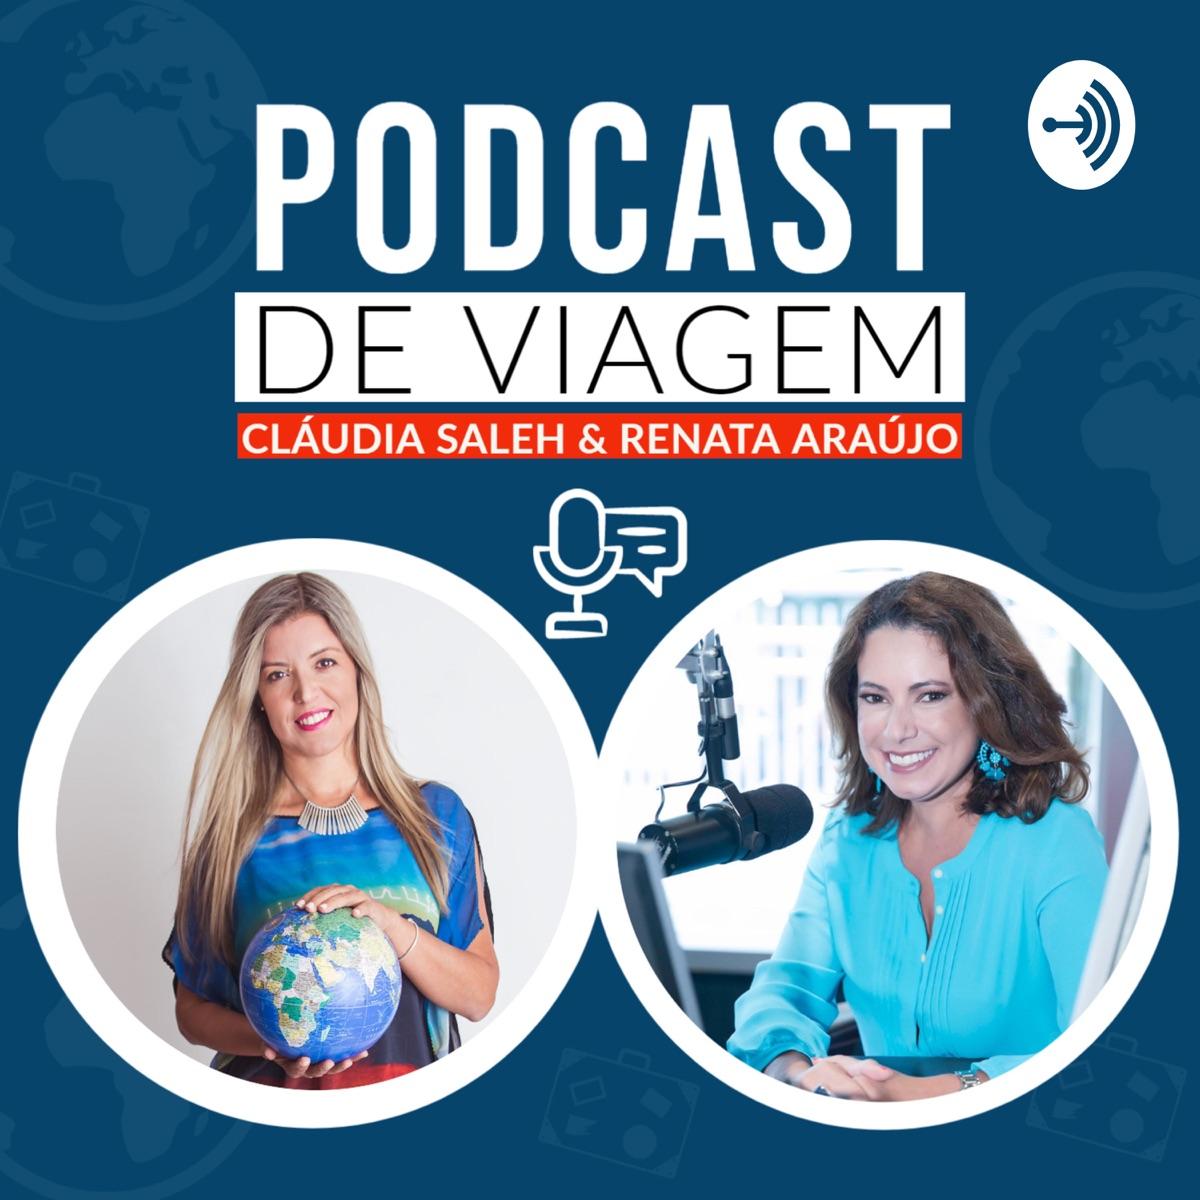 Podcast de Viagem